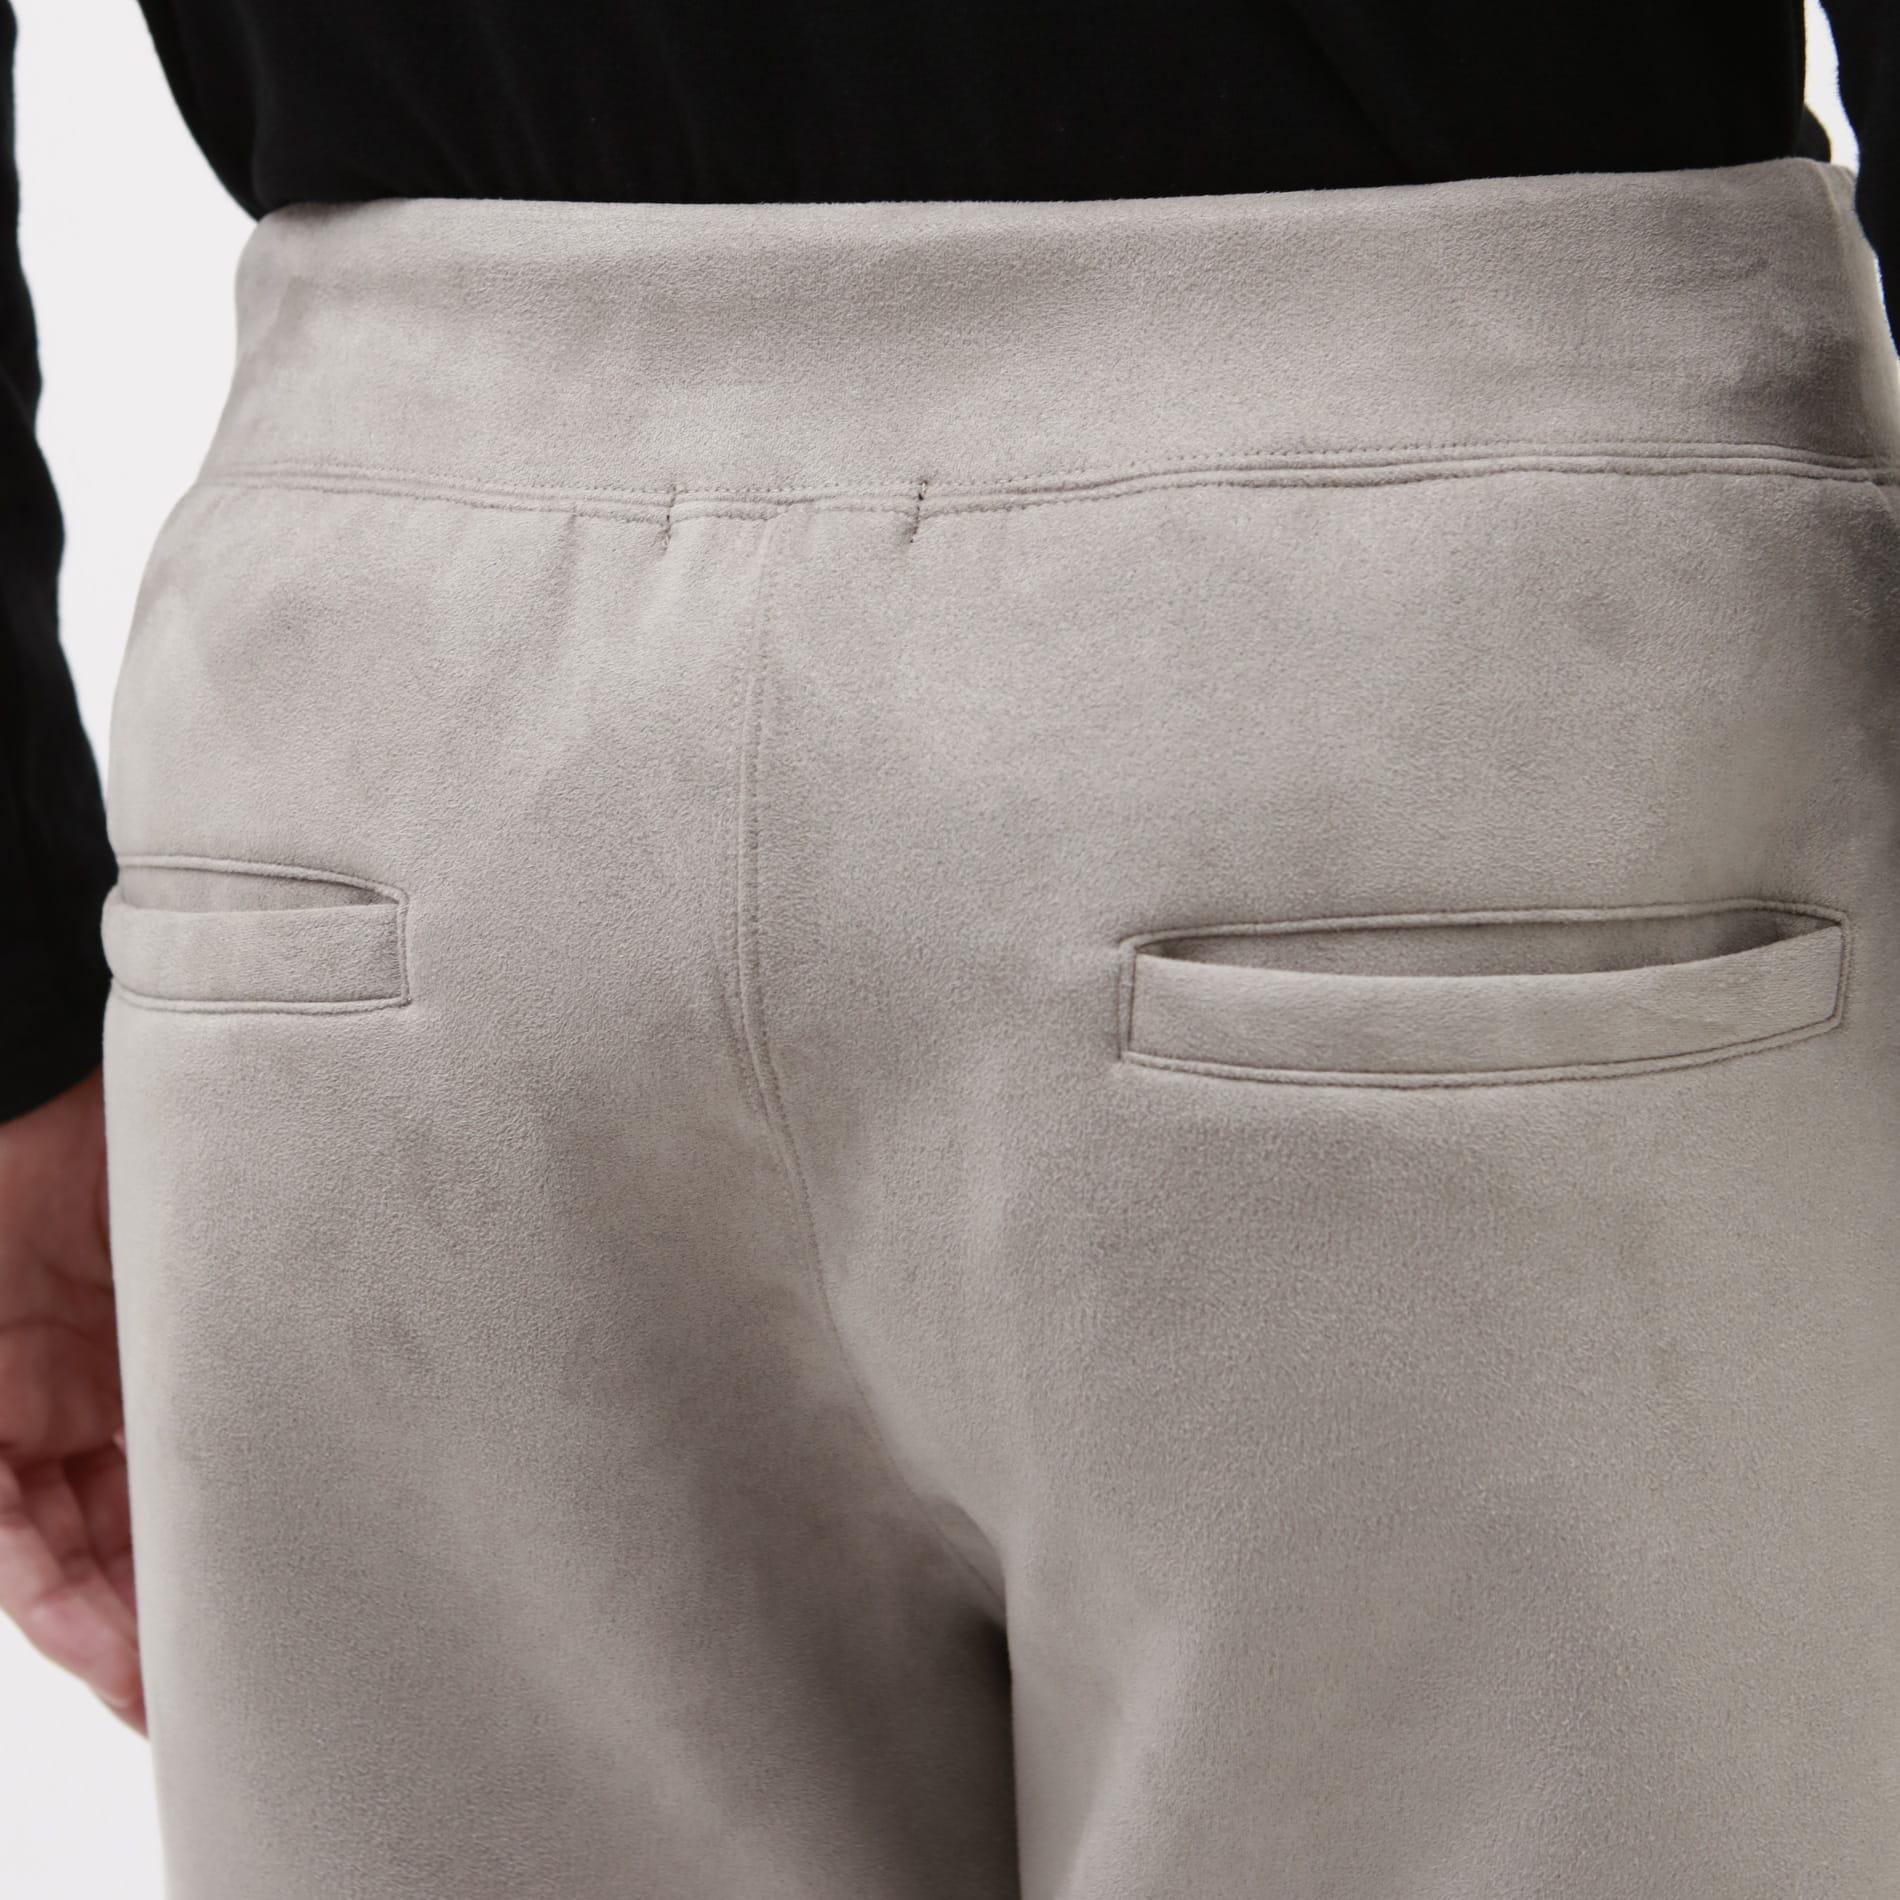 【Safari10月号掲載】スエードライク ジョガーズ パンツ